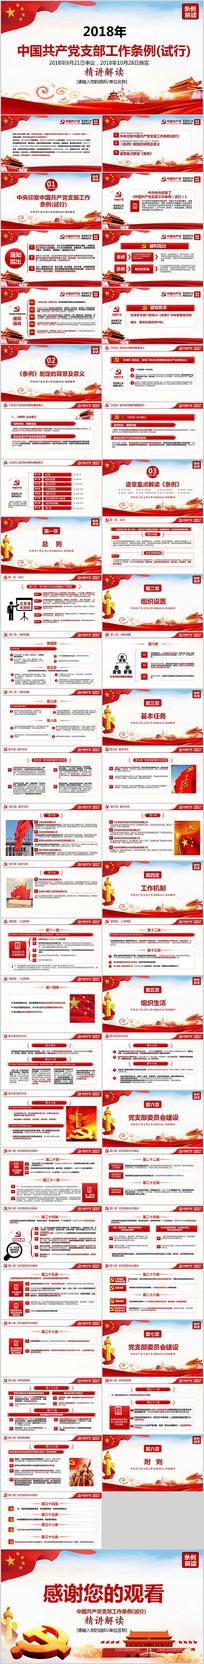 中国共产党支部工作条例